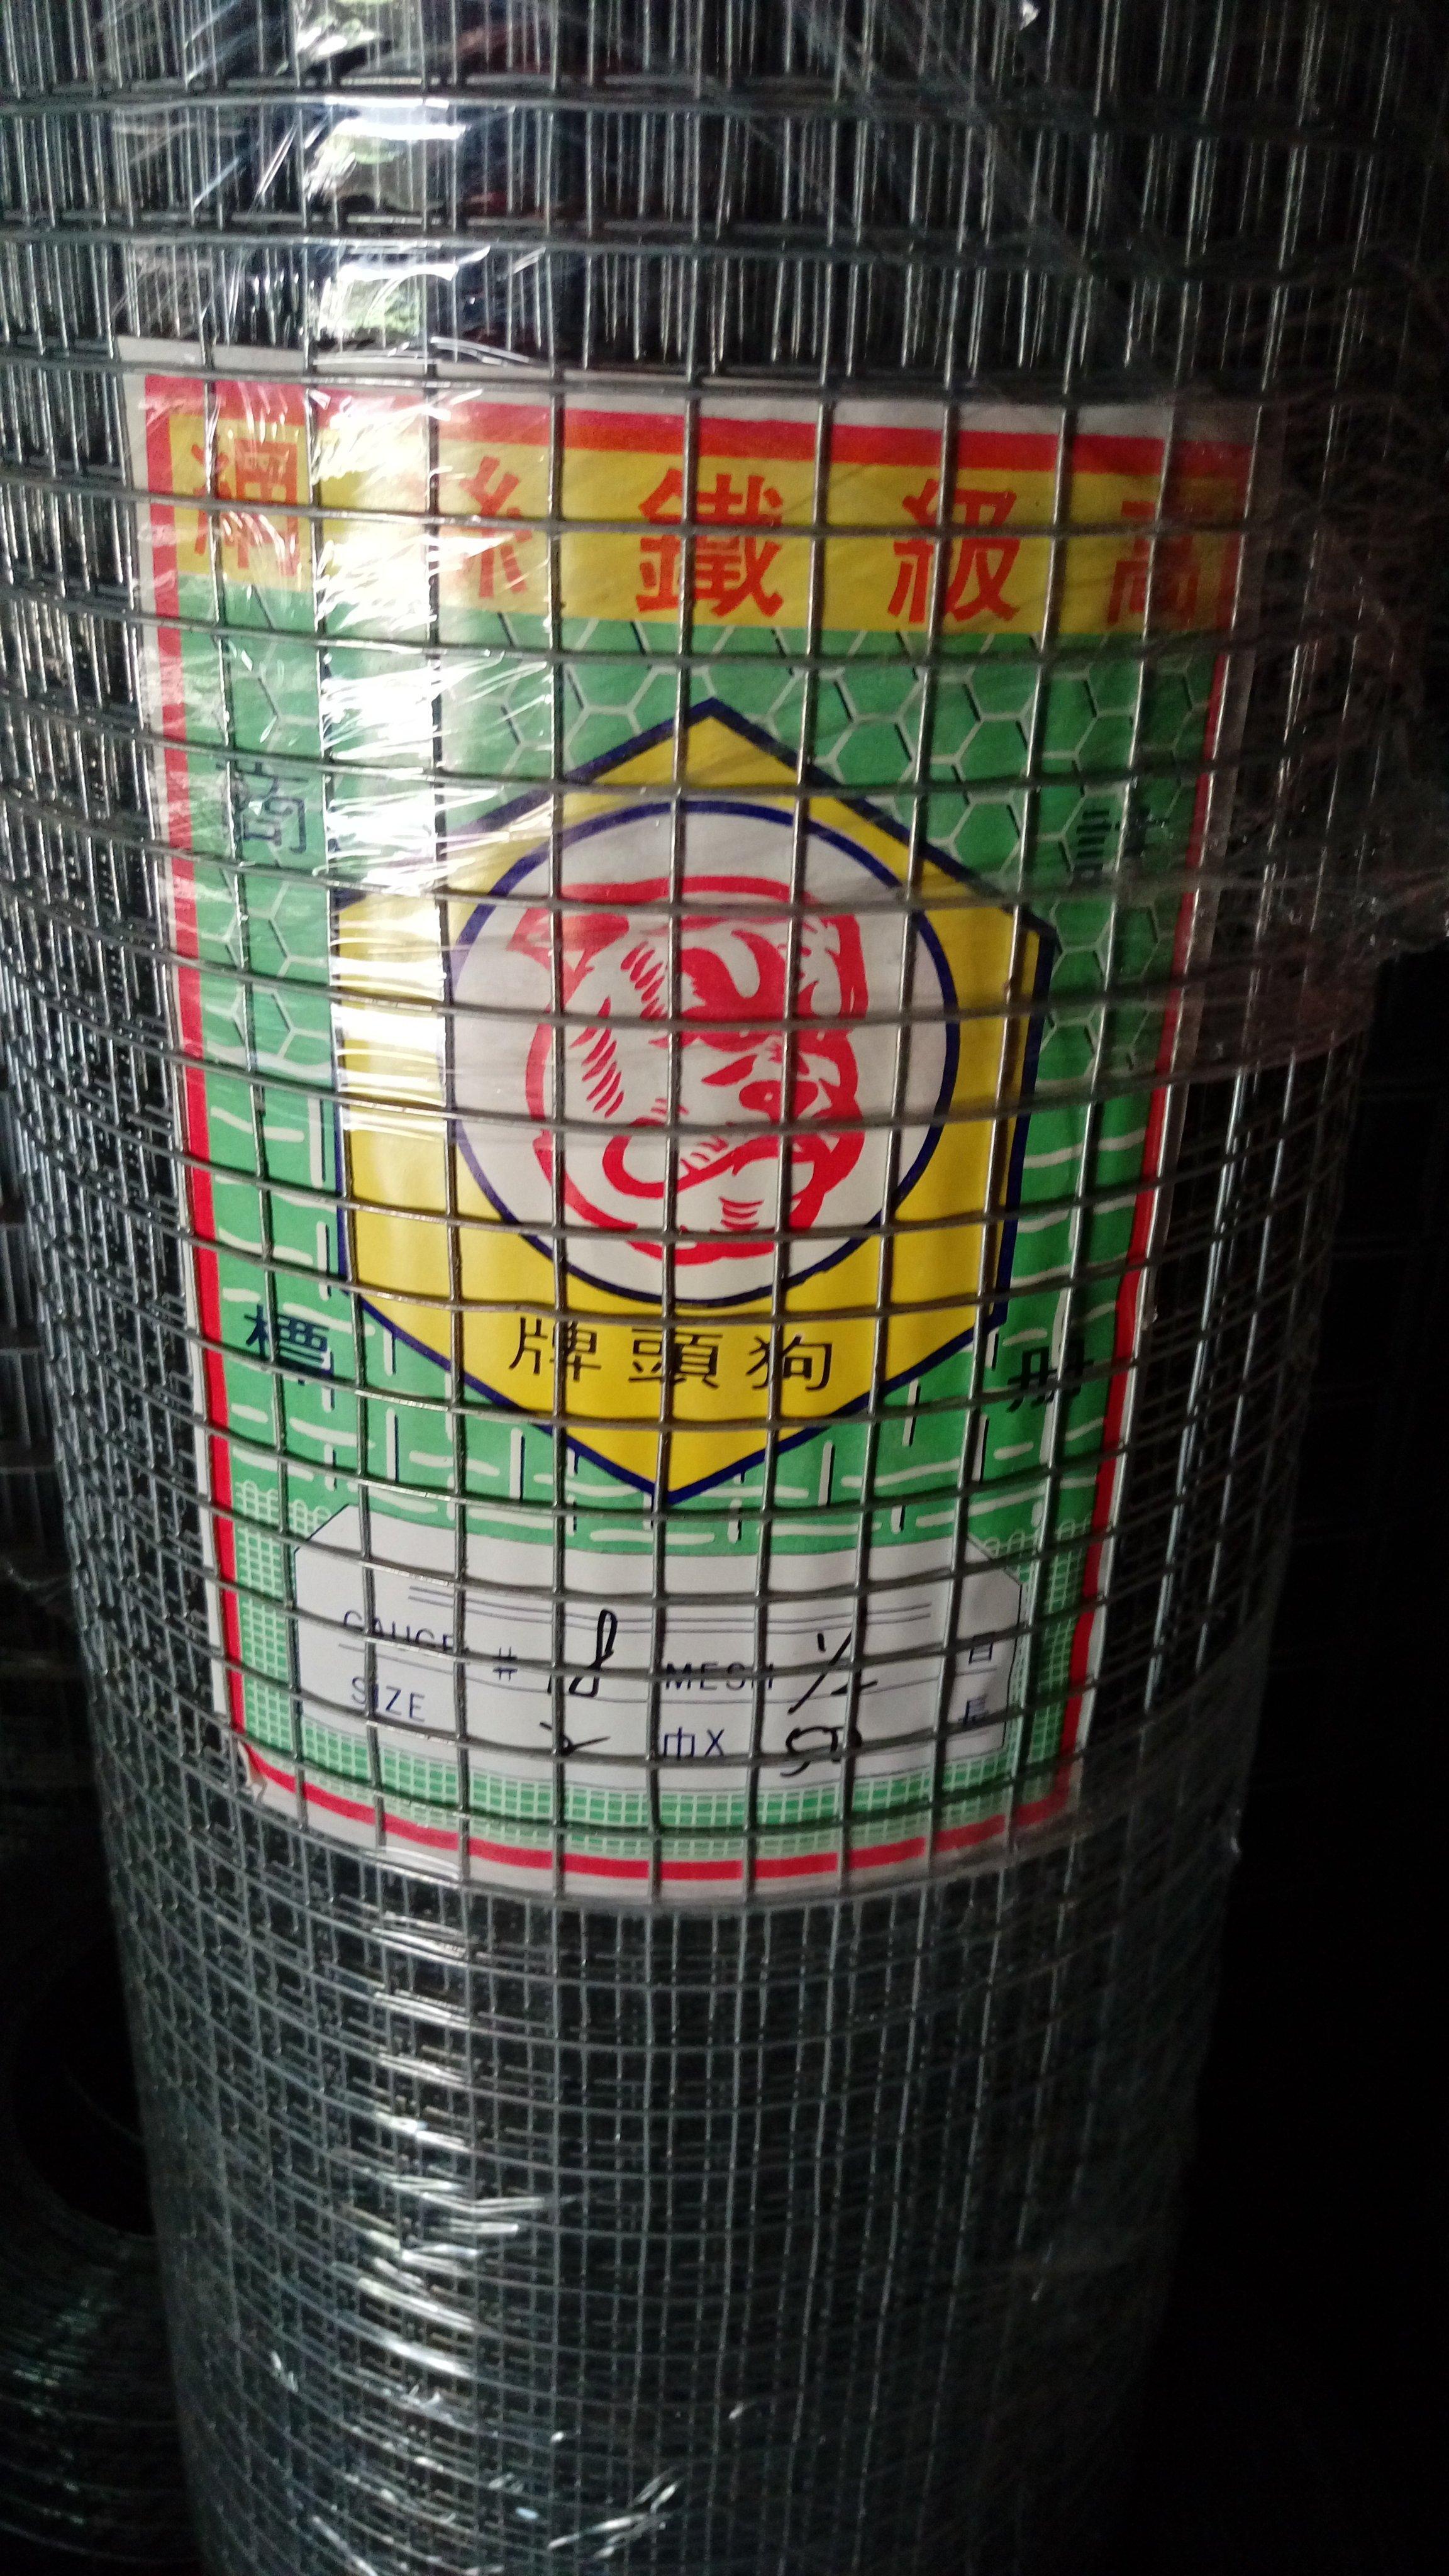 點焊鋼絲網 點焊網 18#  1/2  2尺寬 全長50尺 4分孔 鍍鋅網 鐵網  圍籬 _粗俗俗五金大賣場